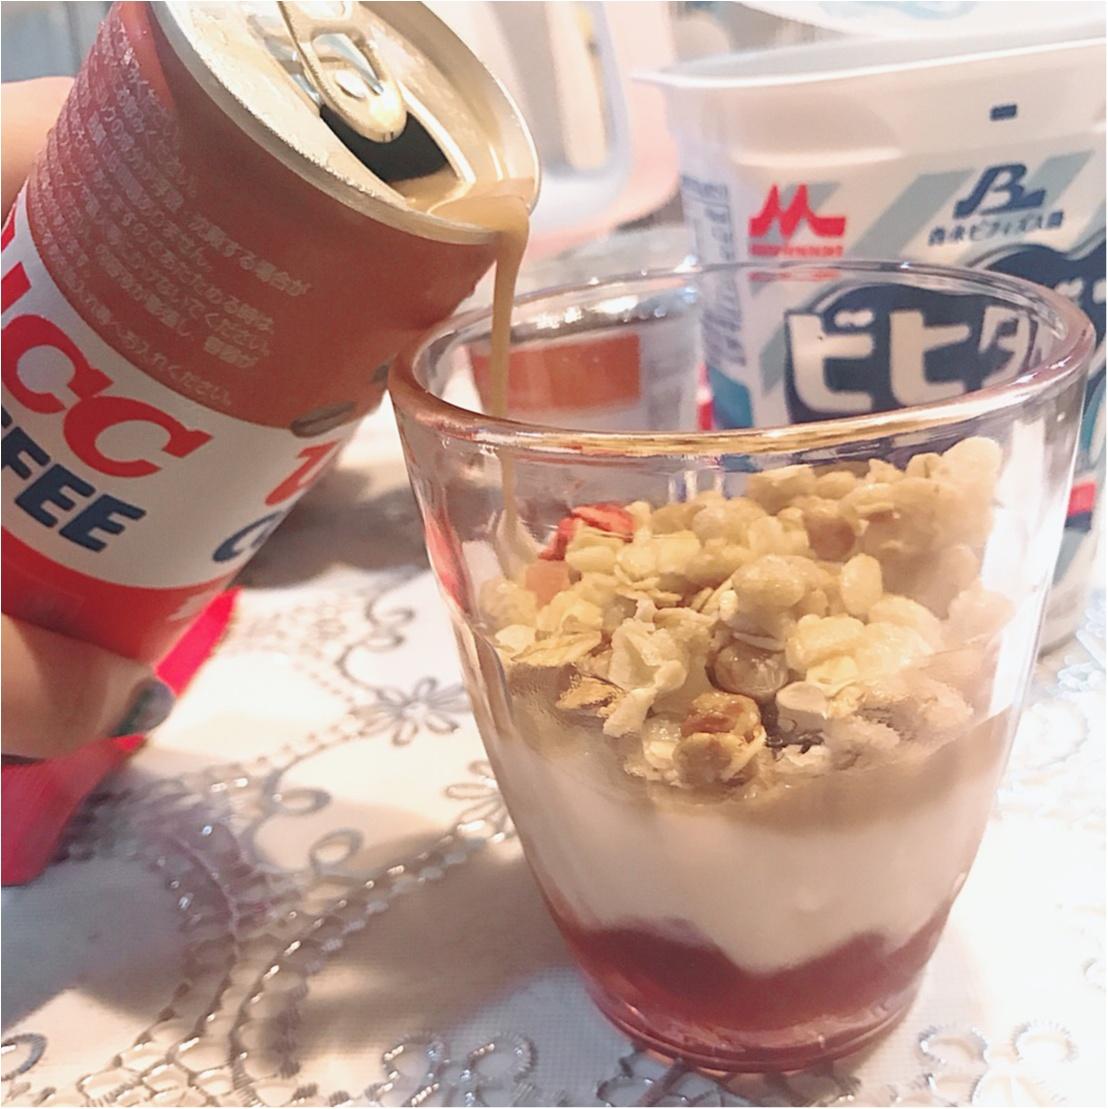 秒速ヘルシー朝ごはん♡おしゃれ女子が喜ぶ3層グラデの簡単アレンジレシピ_8